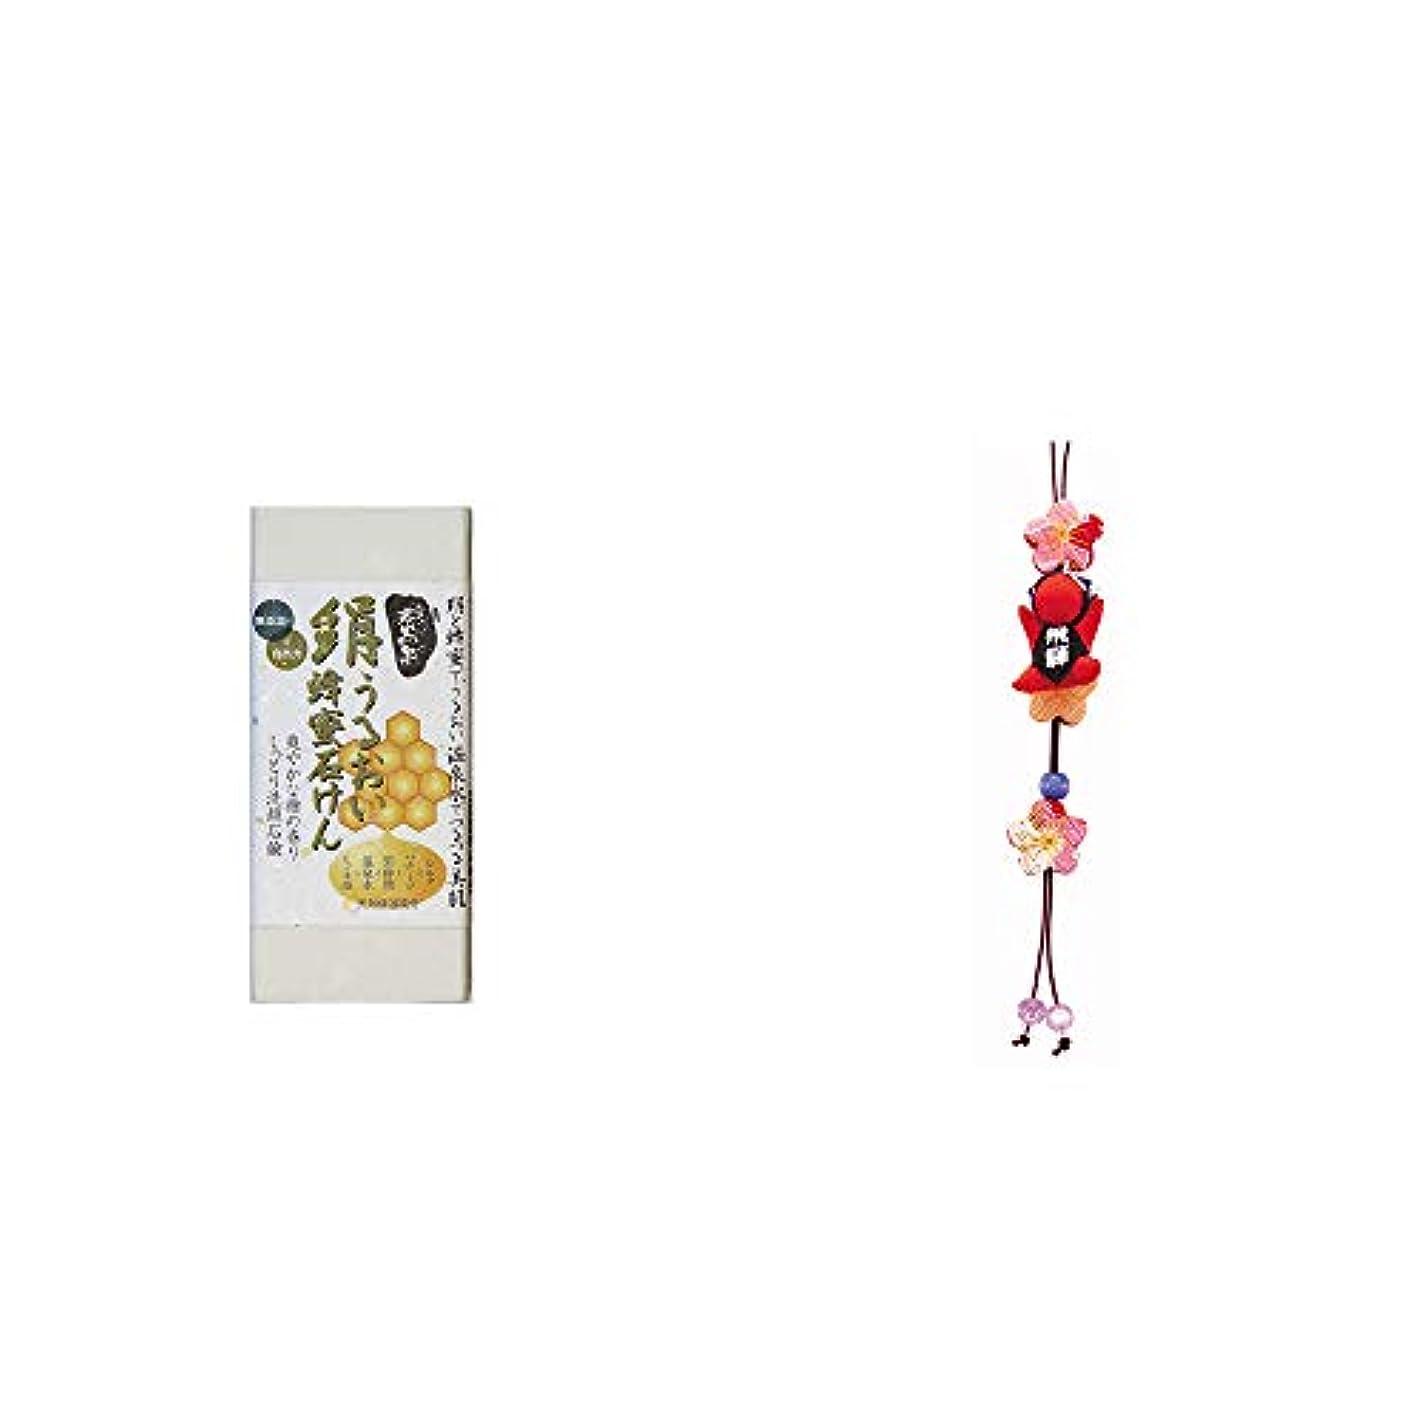 続編イデオロギー回答[2点セット] ひのき炭黒泉 絹うるおい蜂蜜石けん(75g×2)?豆さるぼぼ 和風ストラップ【赤】 / 縁結び?魔除け //